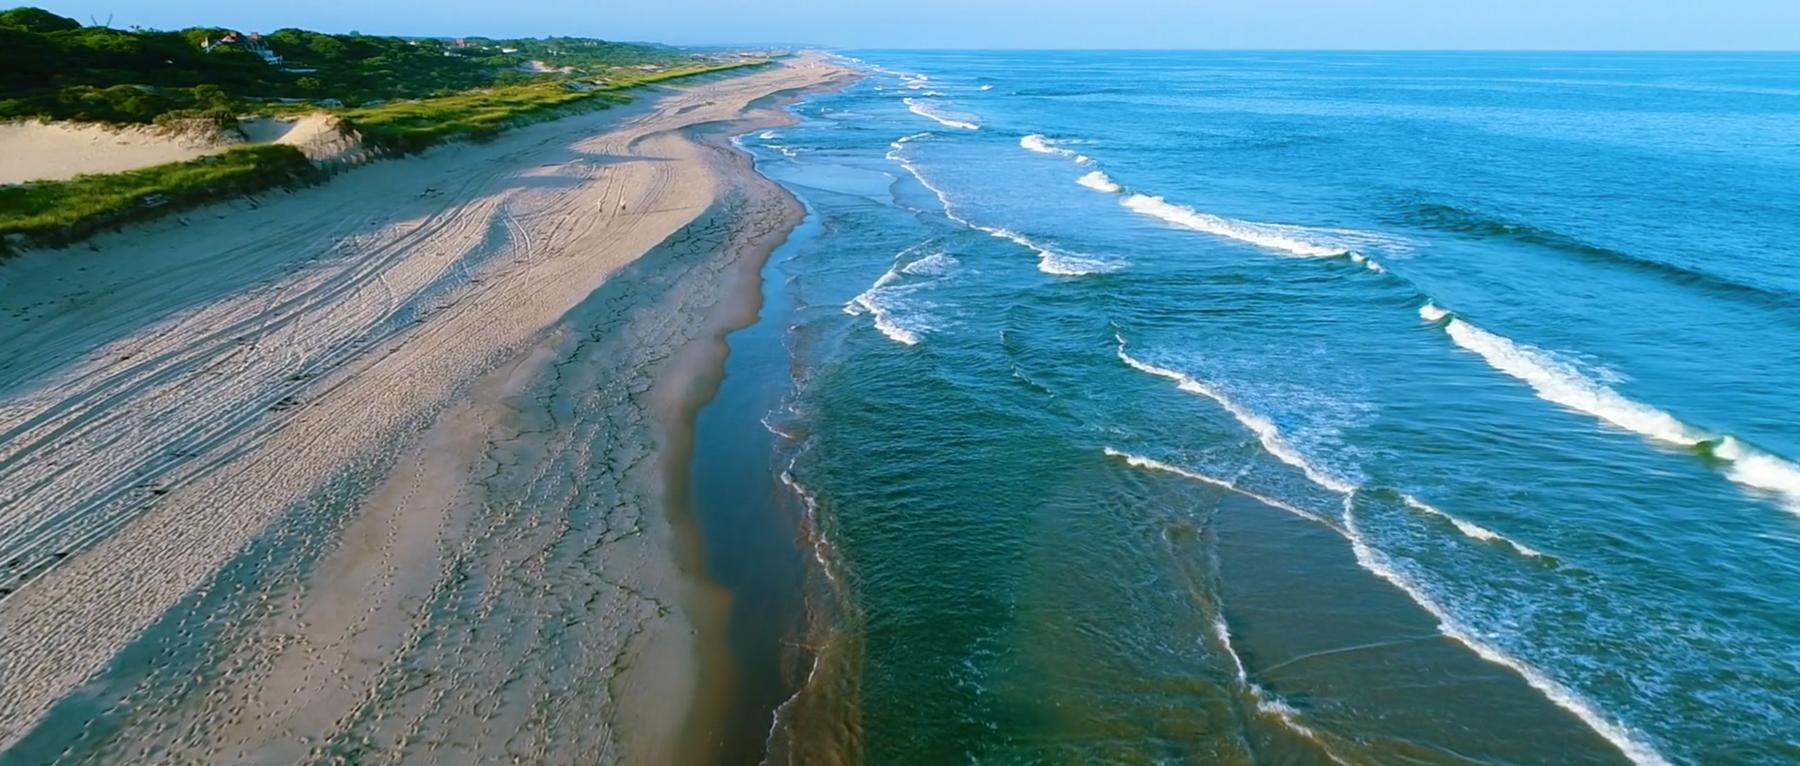 OceanDroneScreenshot.jpg